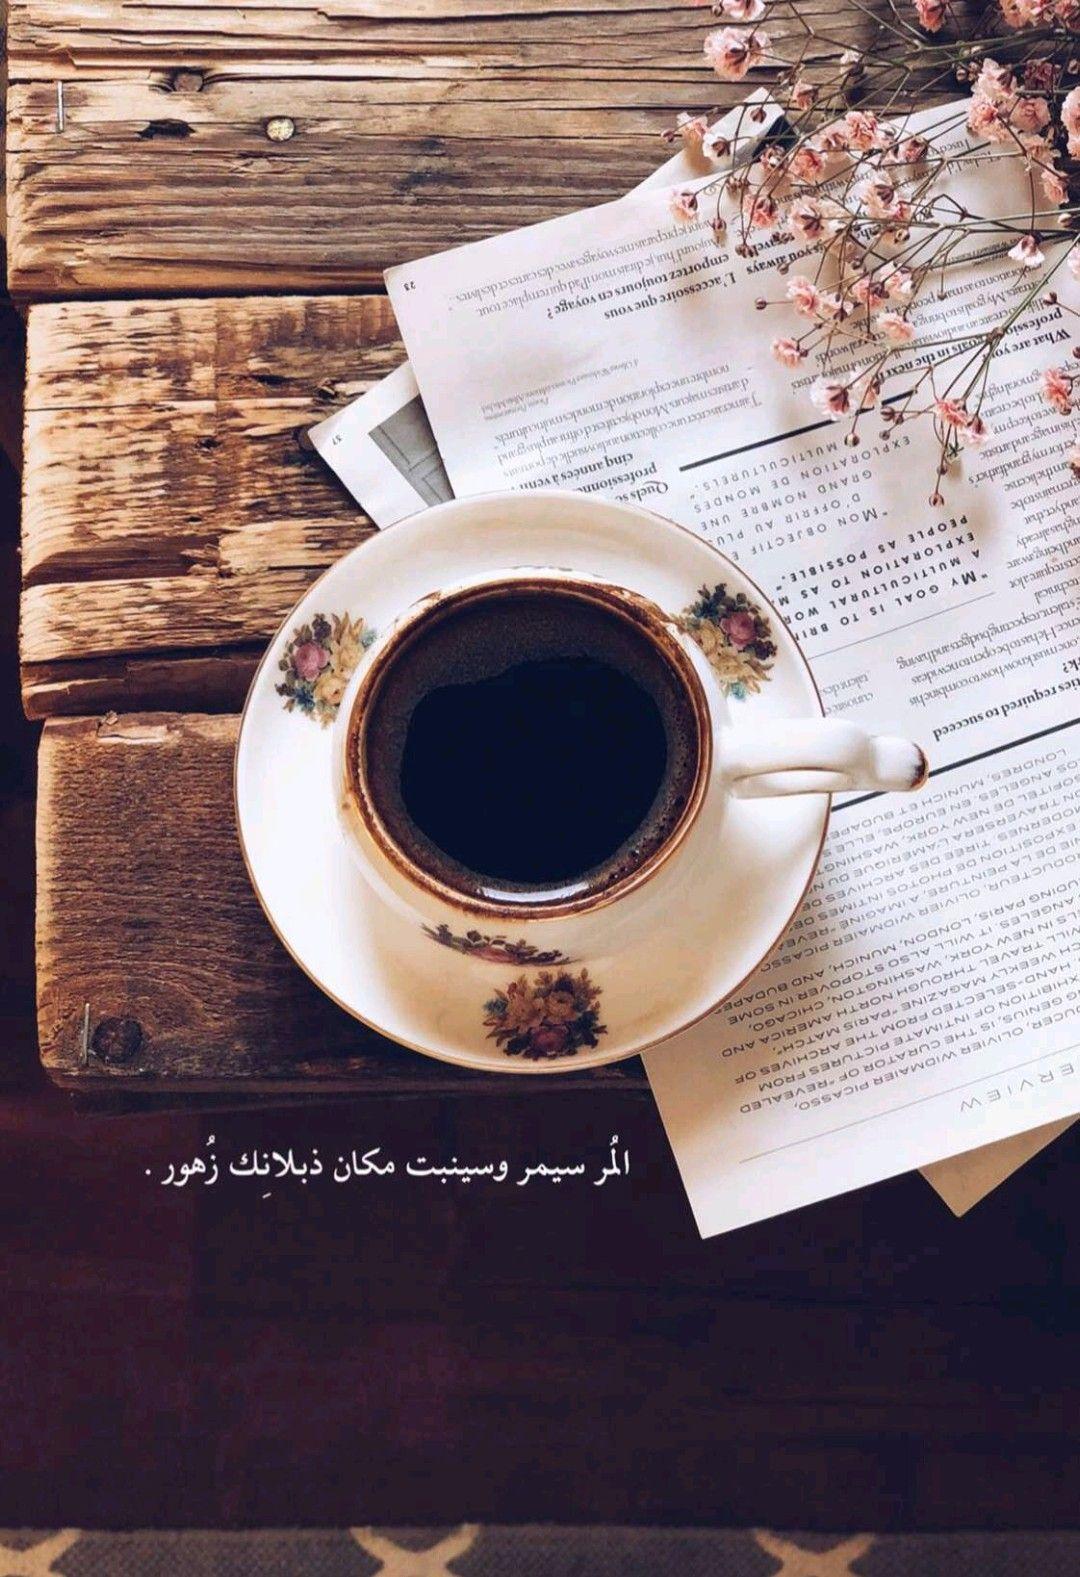 بس انتي متزعليش نفسك Arabic Quotes Coffee Quotes Coffee And Books